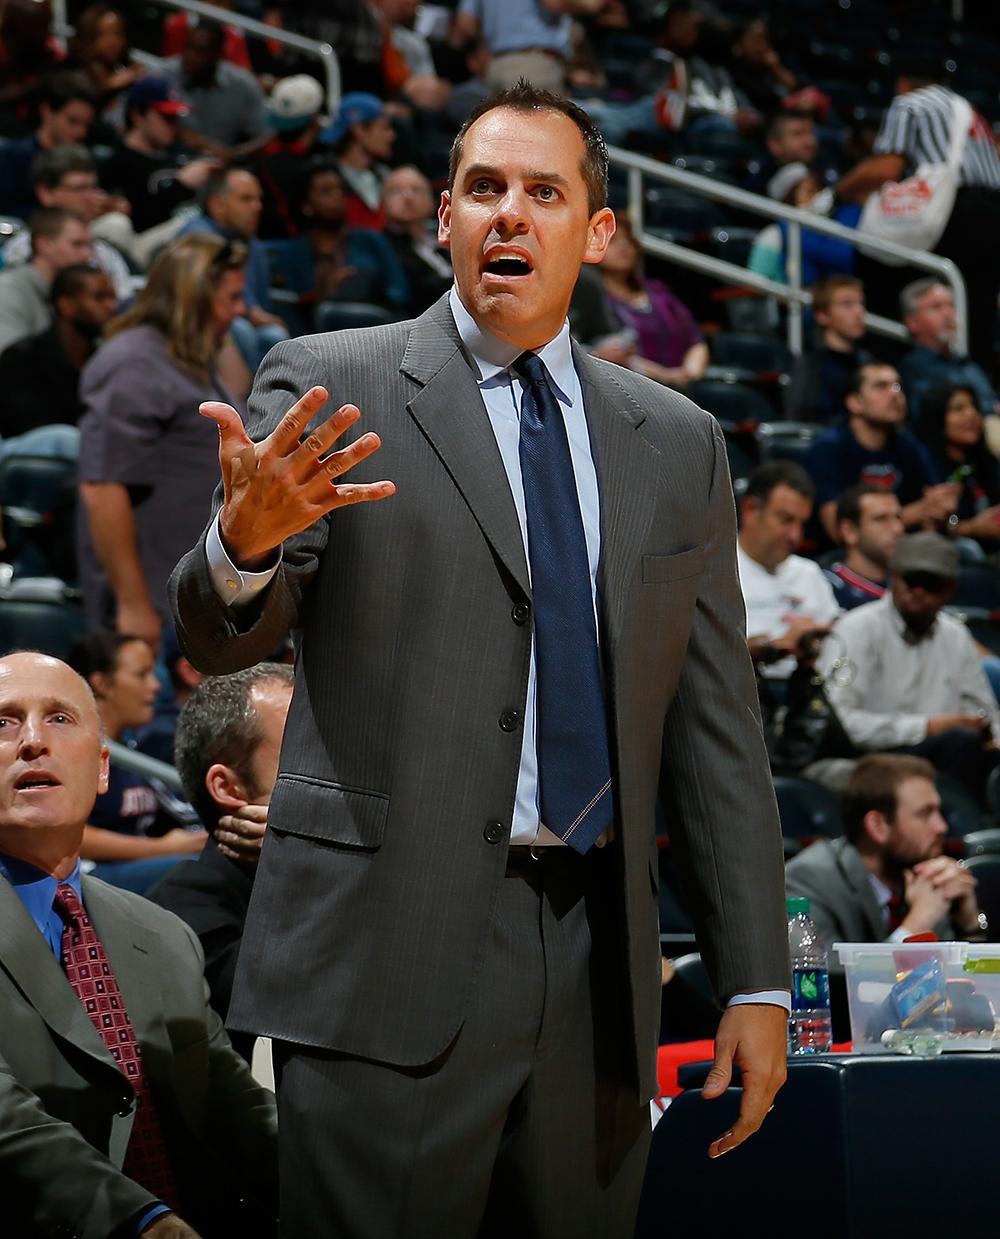 Frank Vogel entrenador de basquetbol en viva basquet